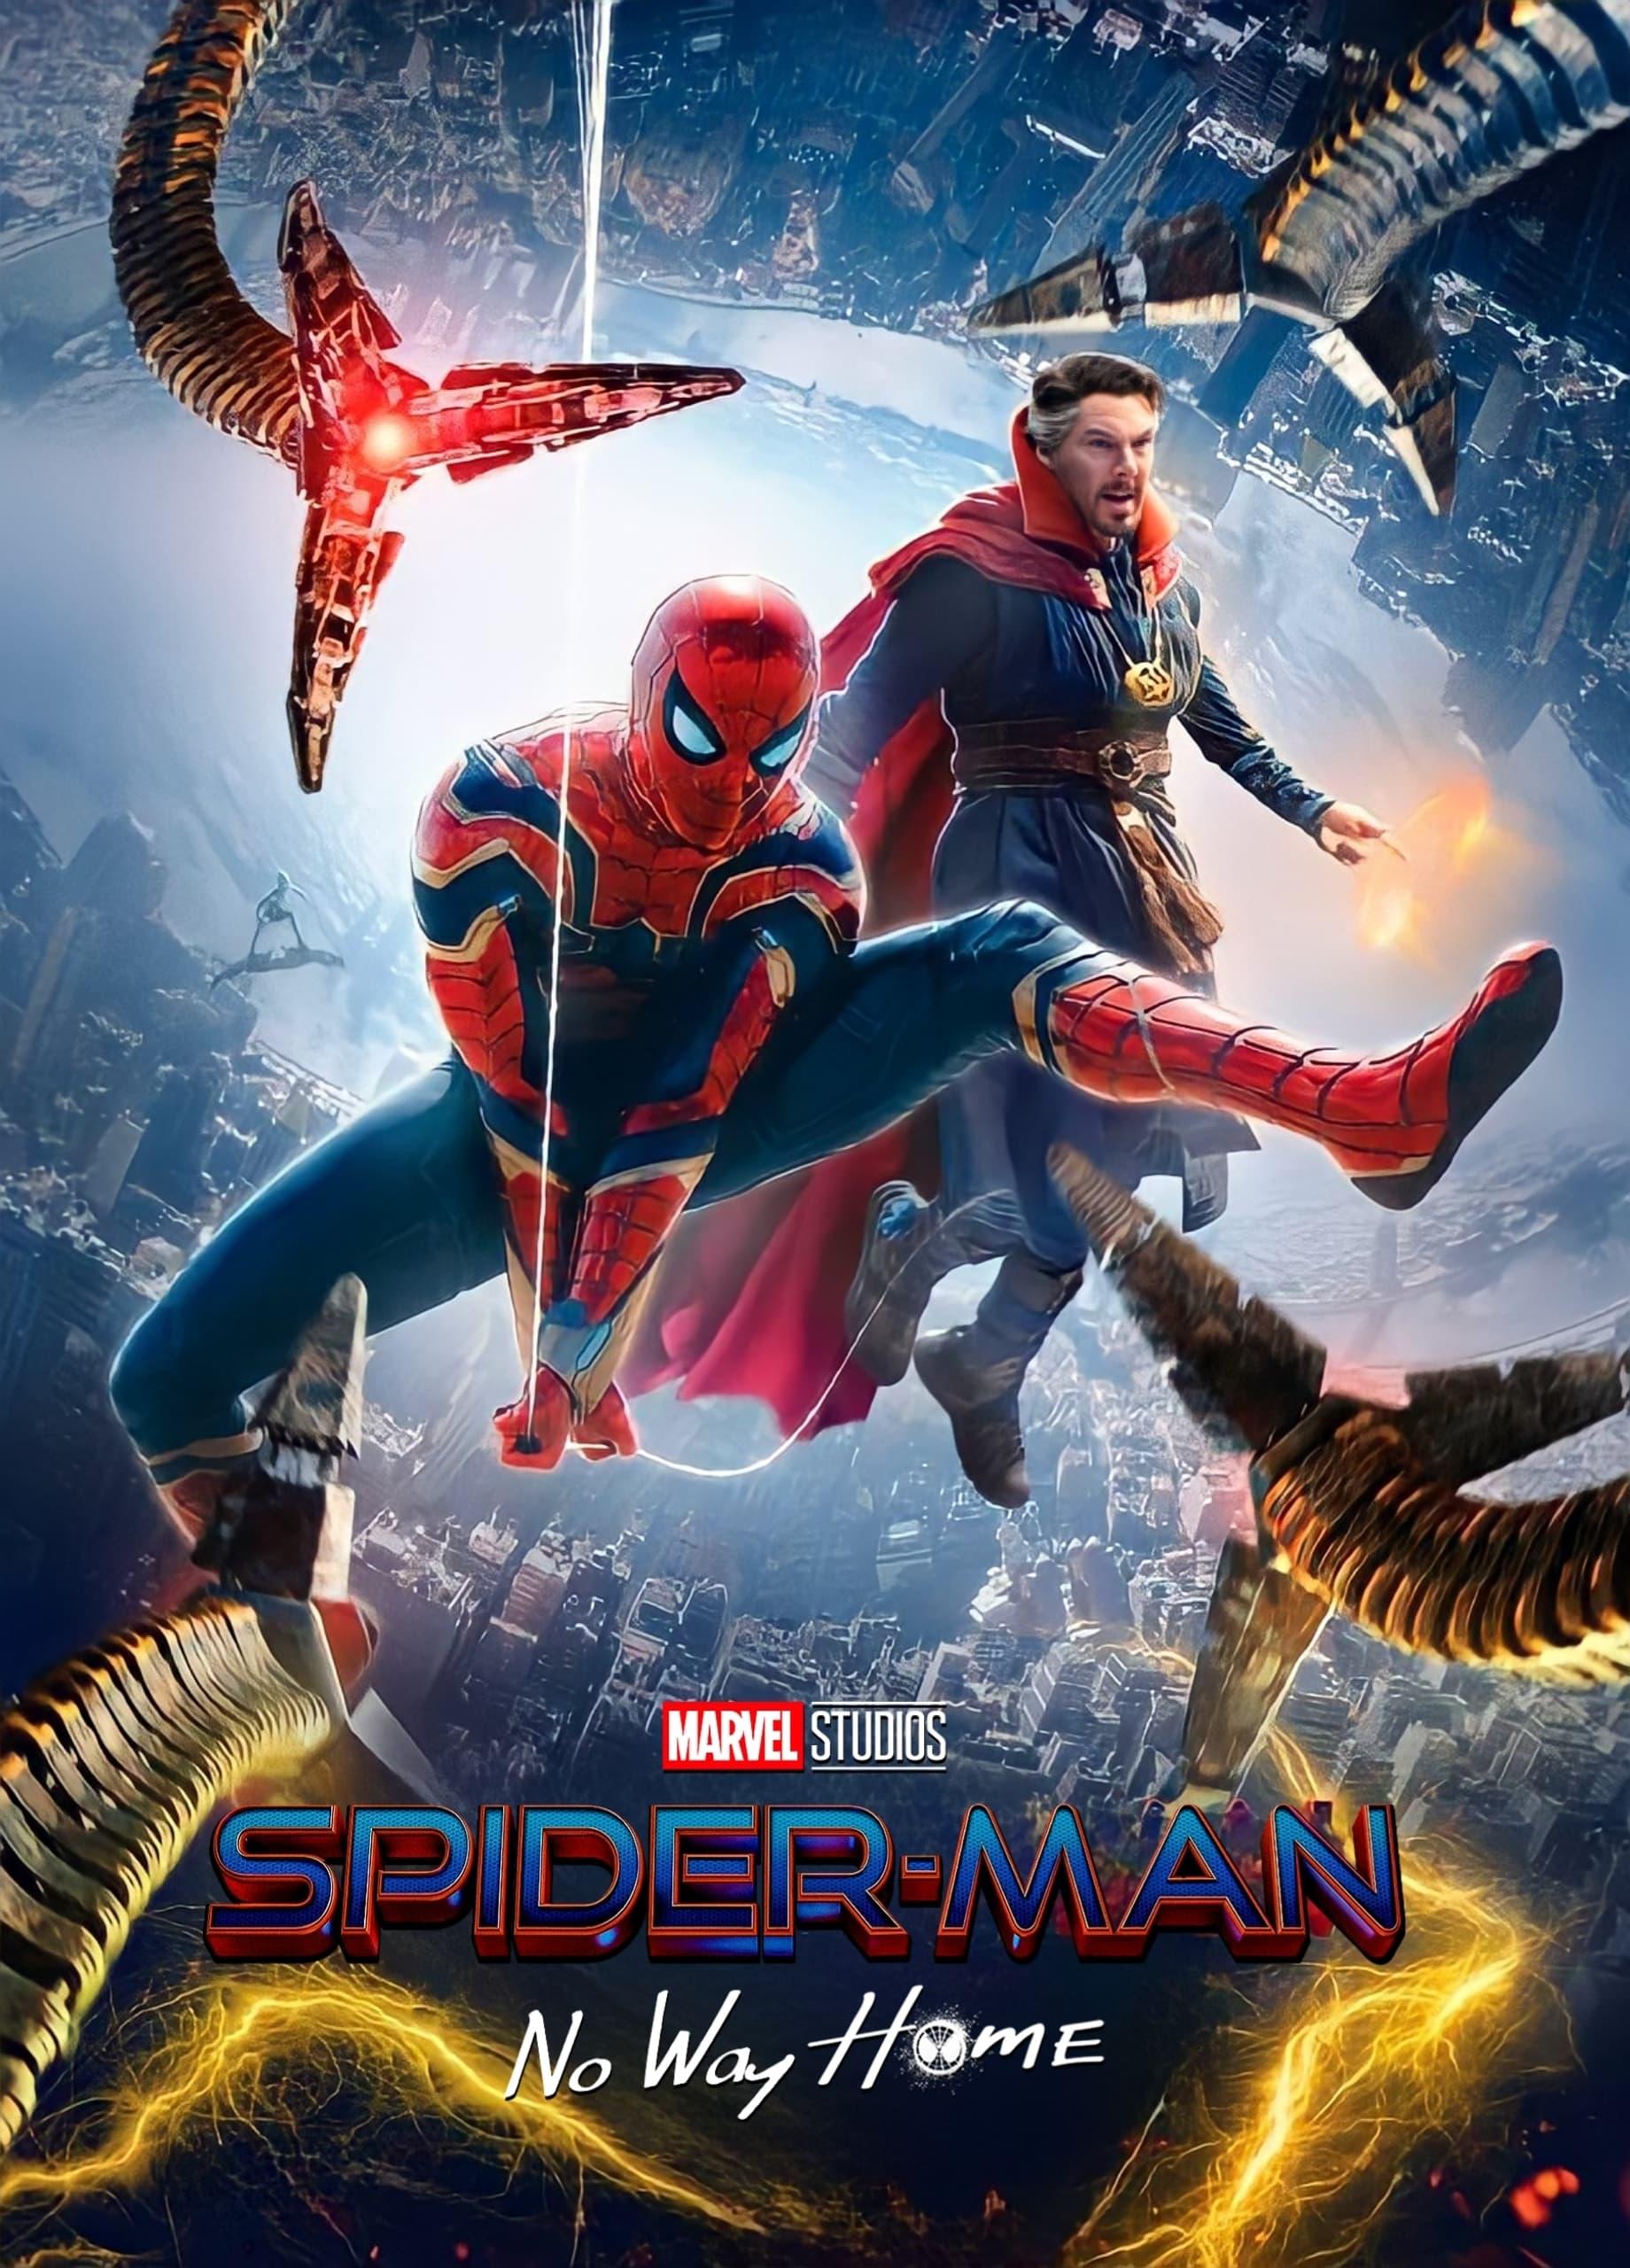 ადამიანი-ობობა: სახლში დასაბრუნებელი გზა არ არსებობს / Spider-Man: No Way Home